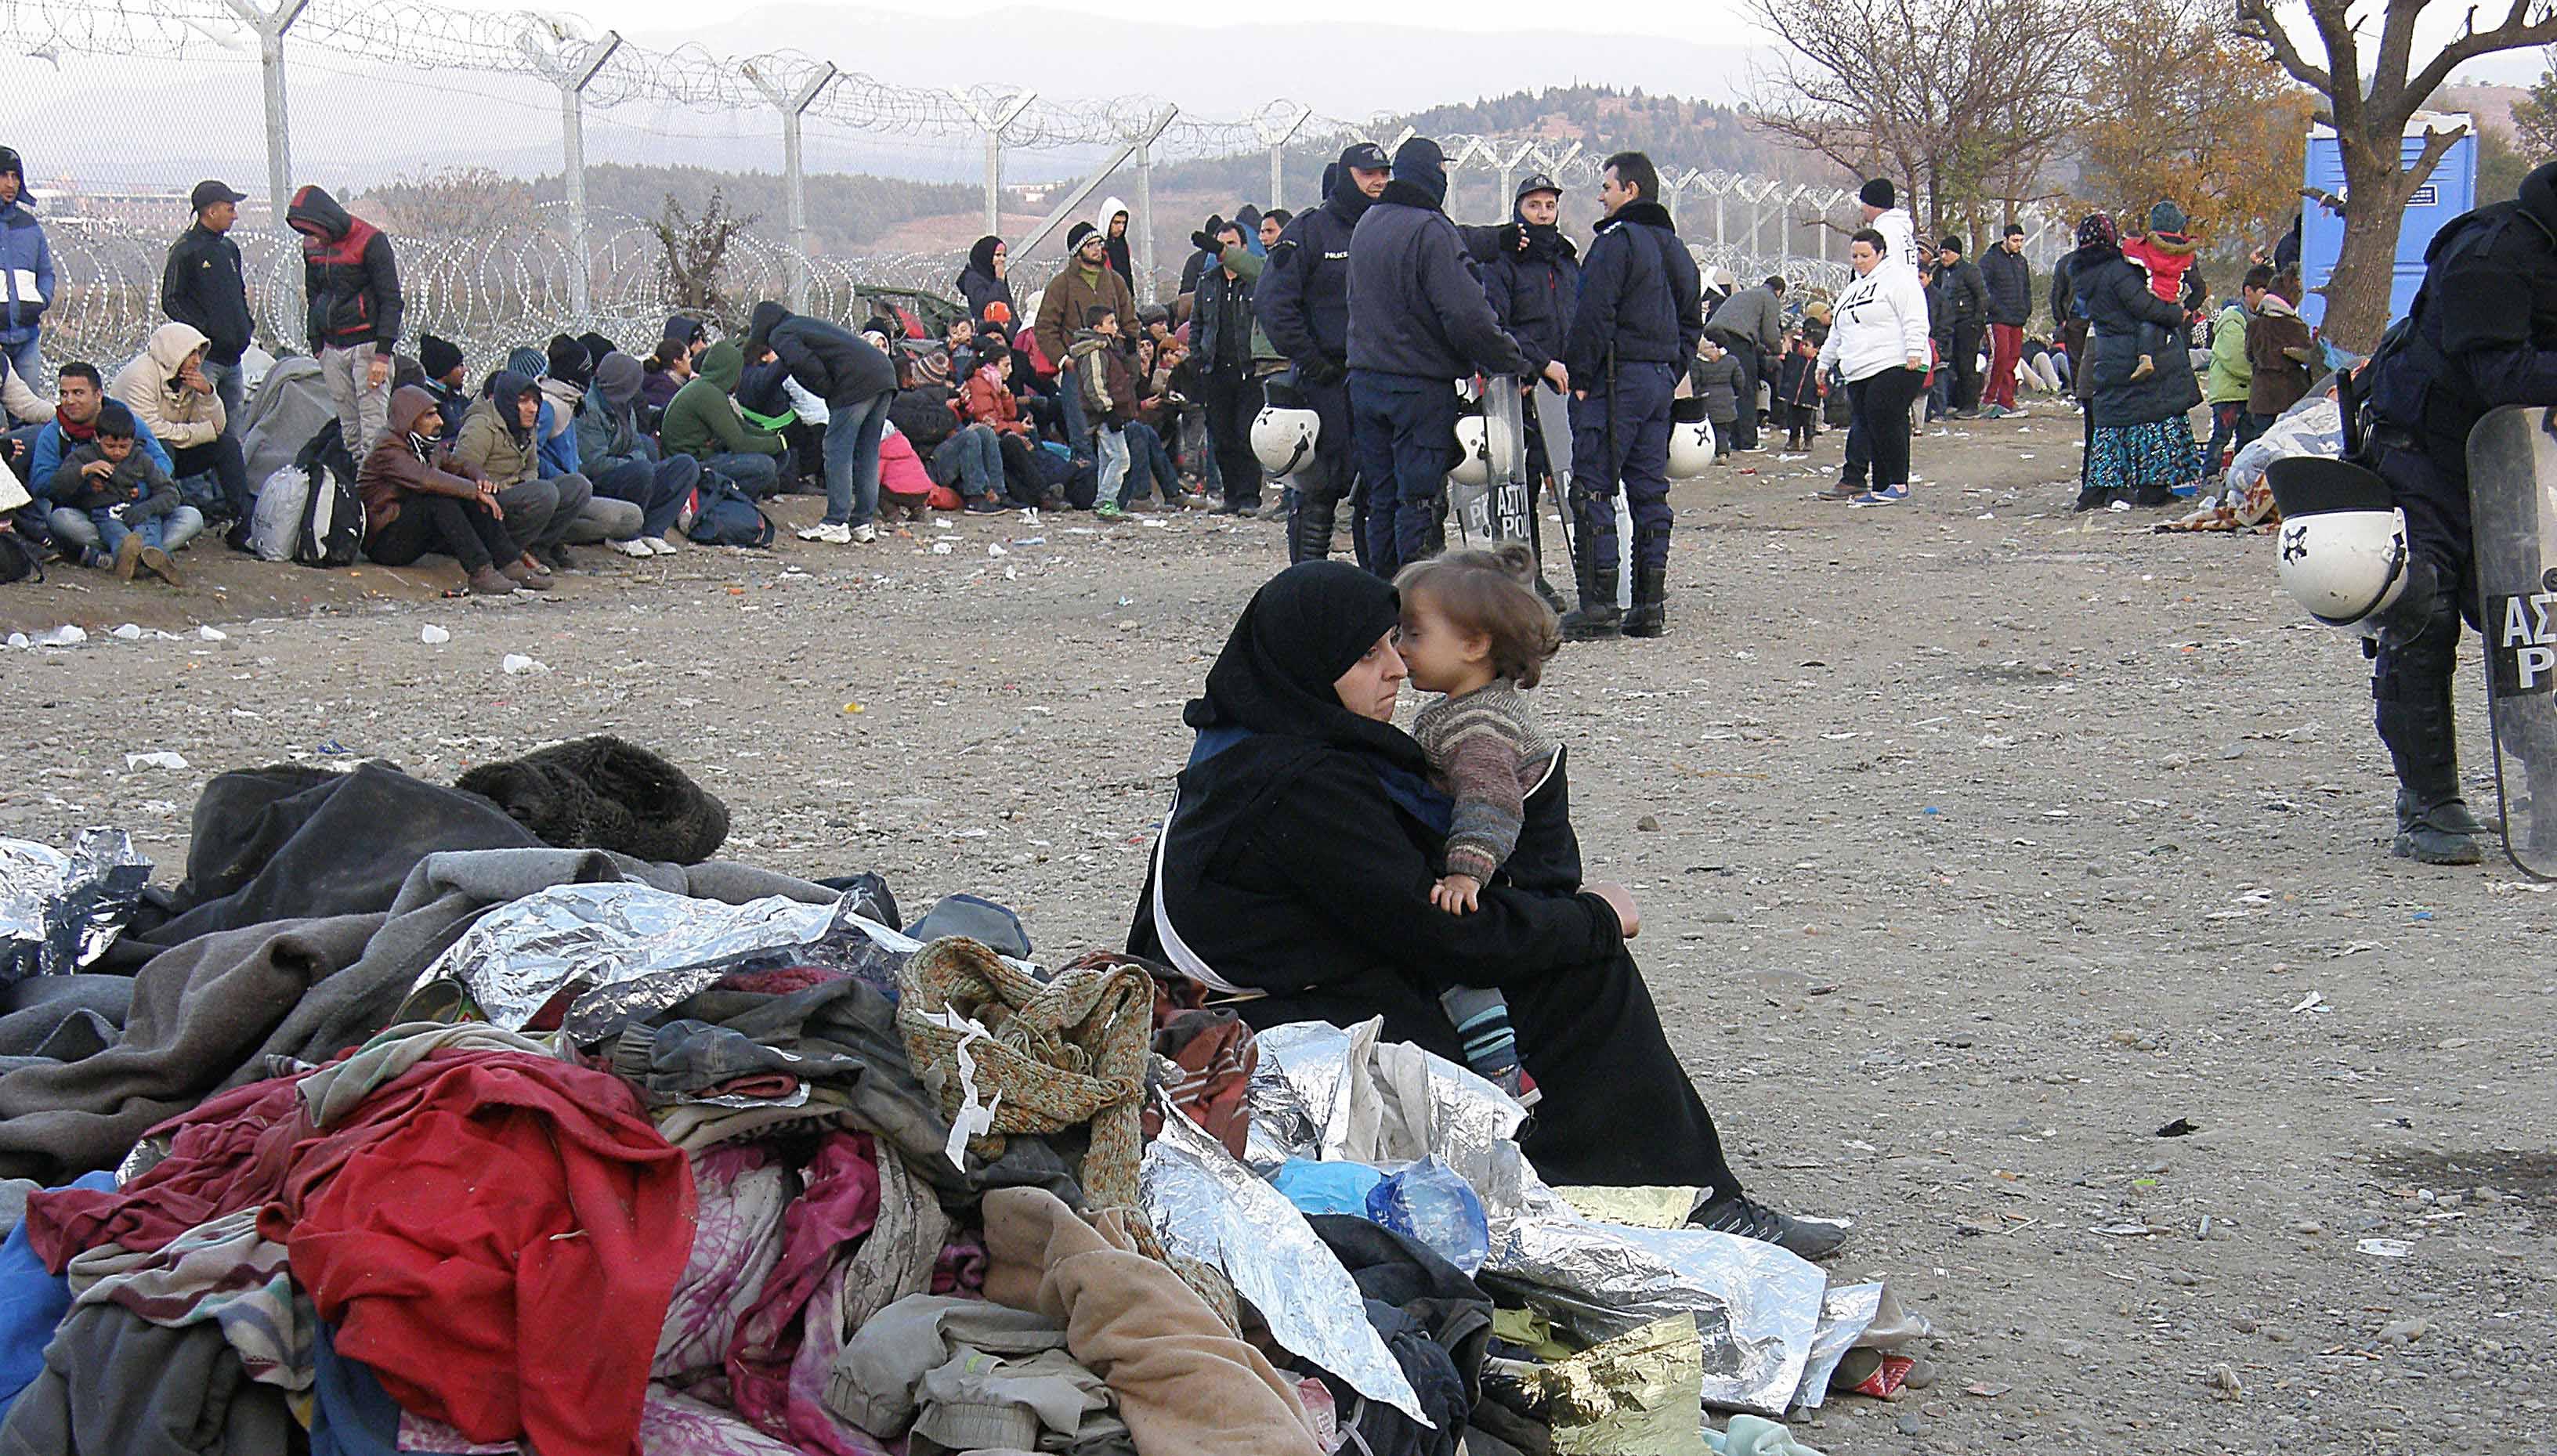 L'accordo Europa-Turchia preoccupa le organizzazioni umanitarie e la Croce Rossa